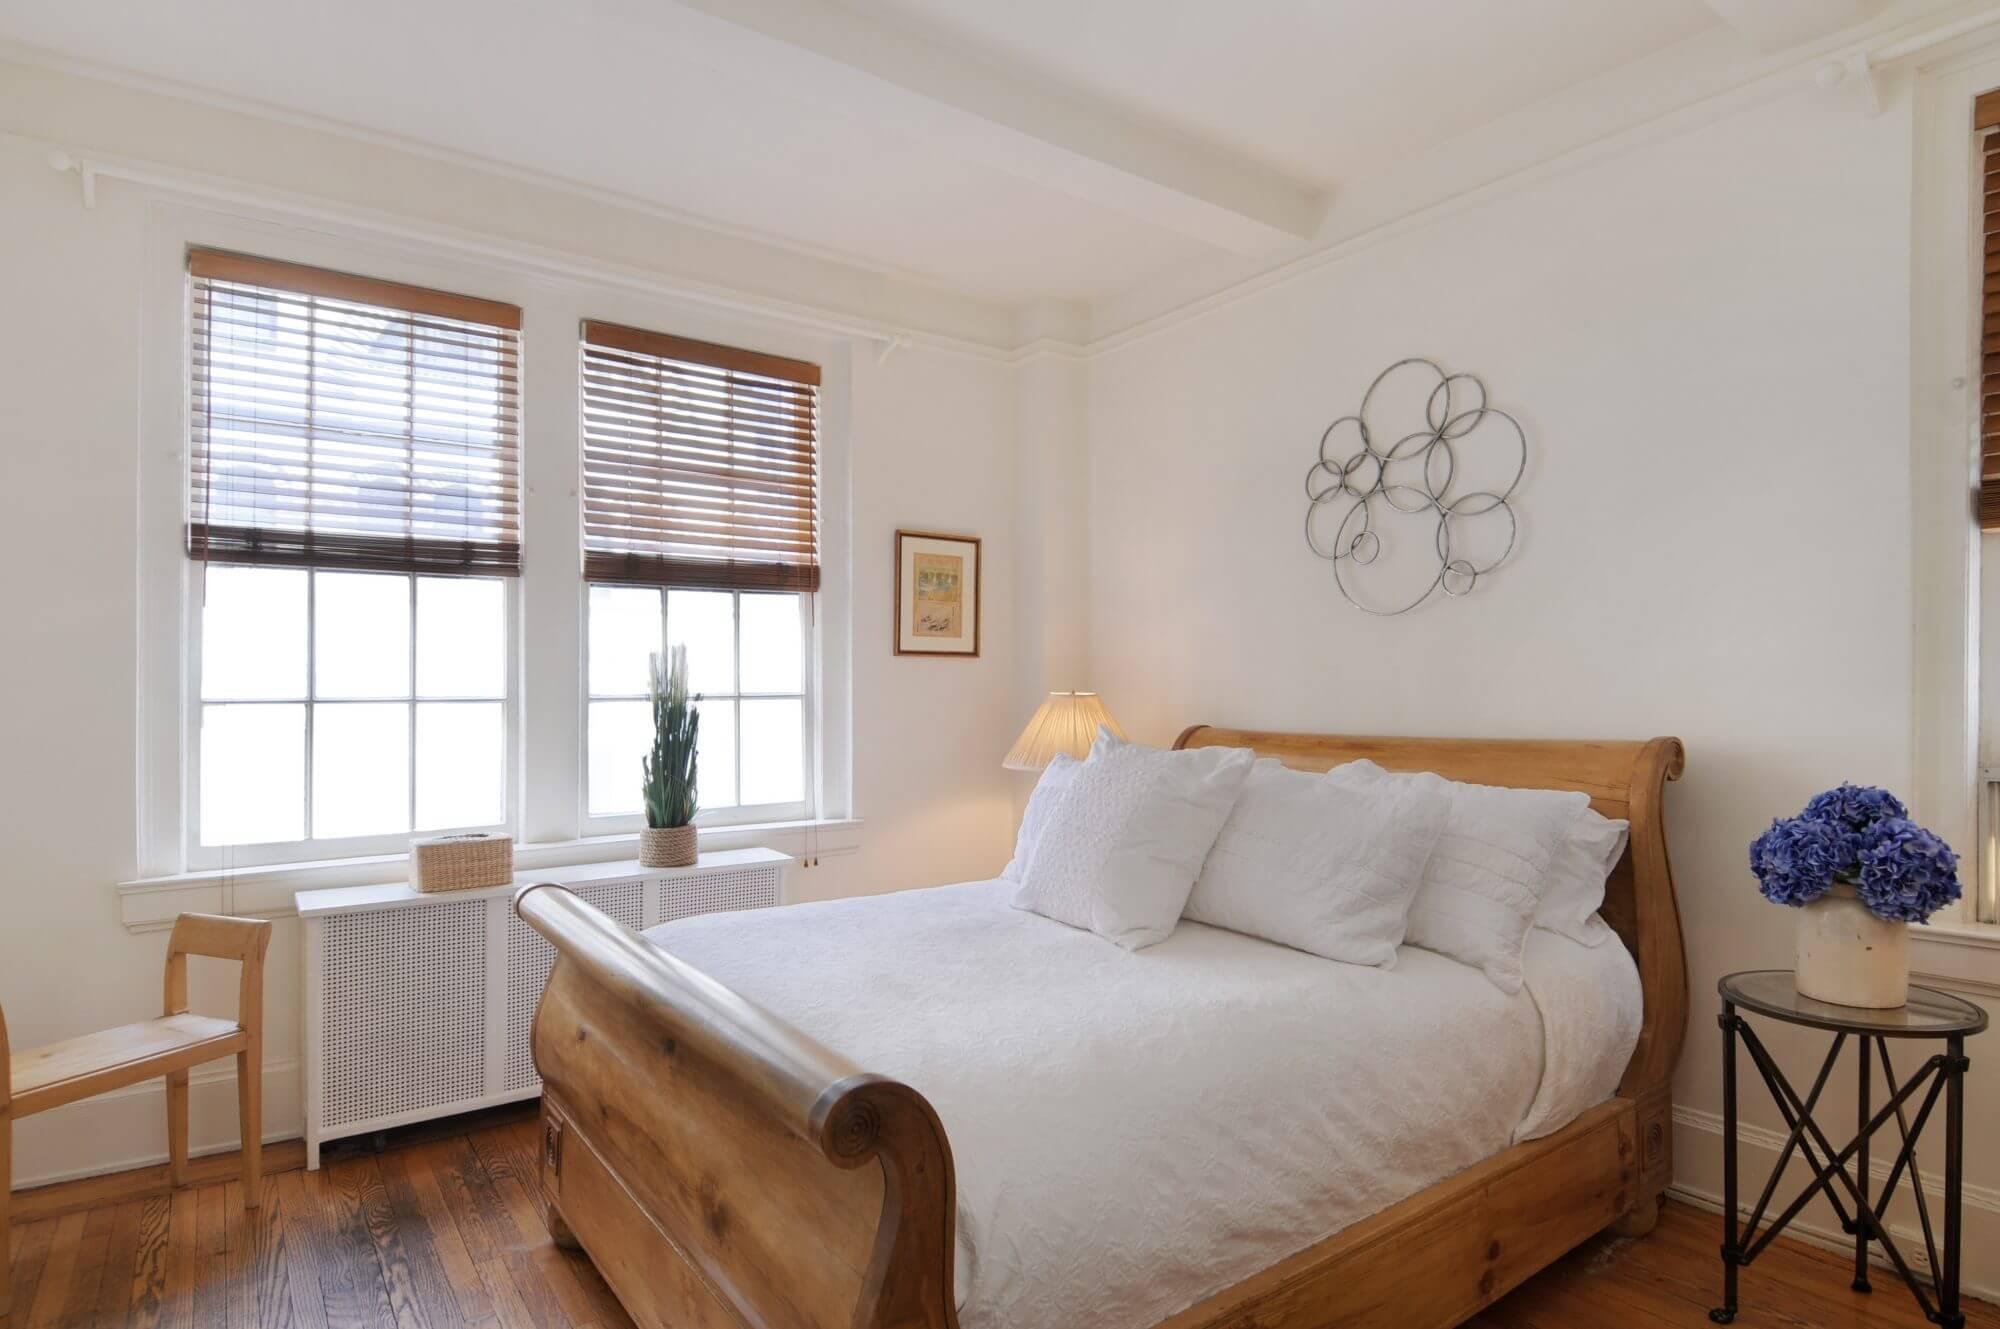 120 East 75th Street, Apt. 2B - Bedroom